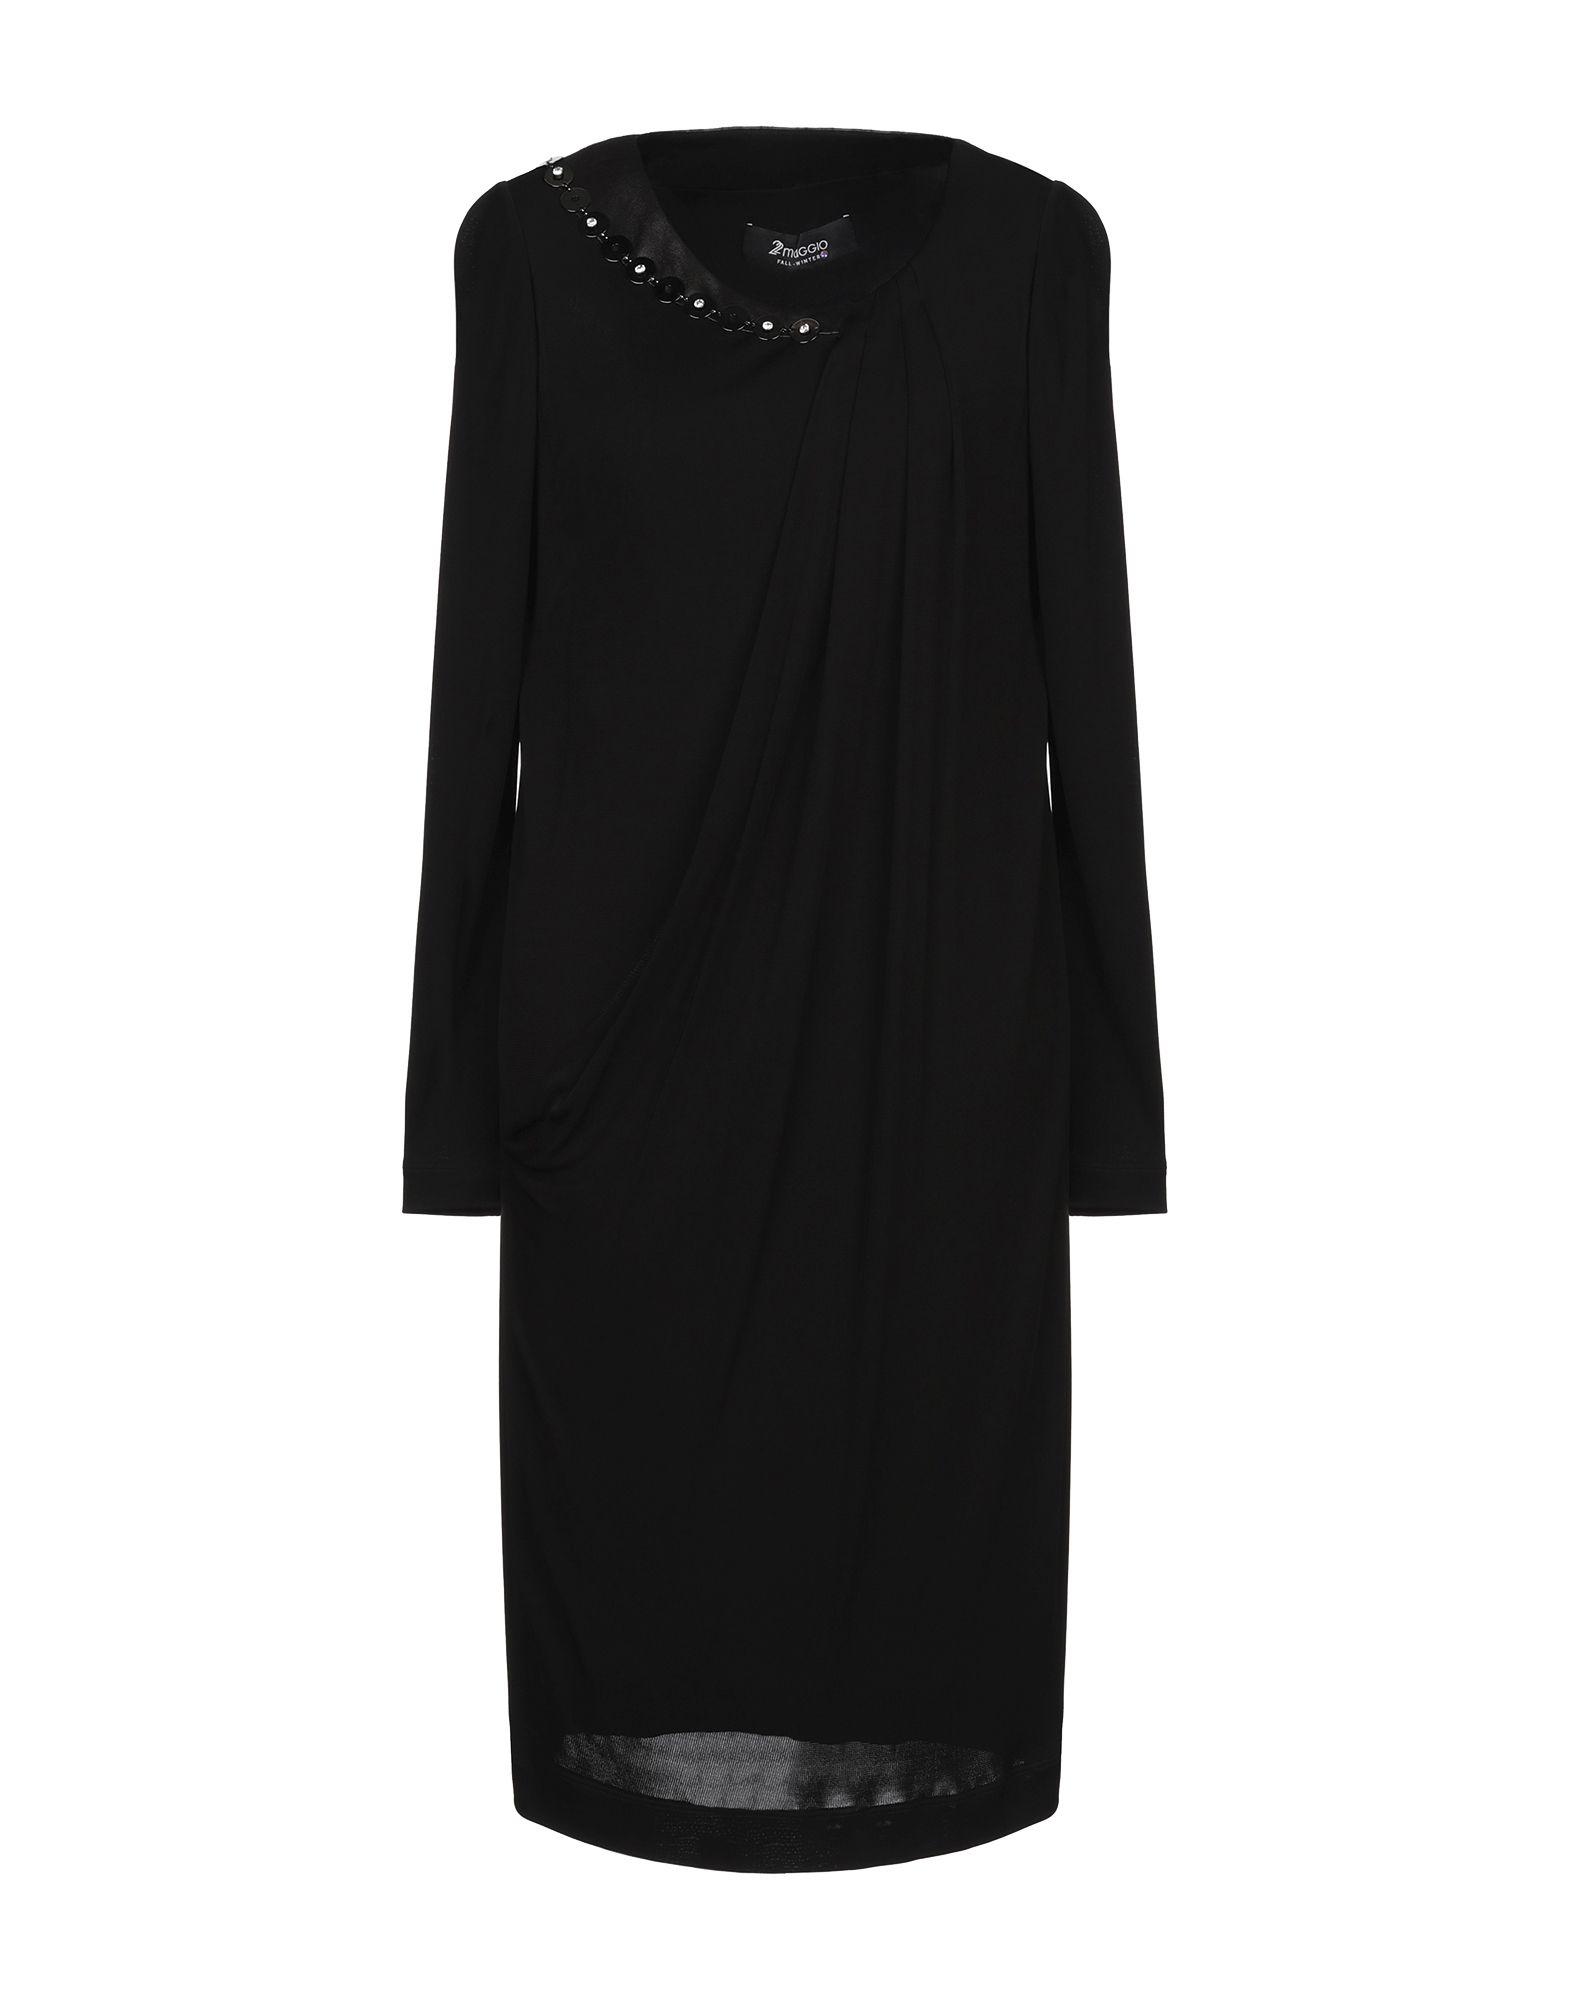 22 MAGGIO by MARIA GRAZIA SEVERI Платье до колена свободное платье с гипюром 22 maggio